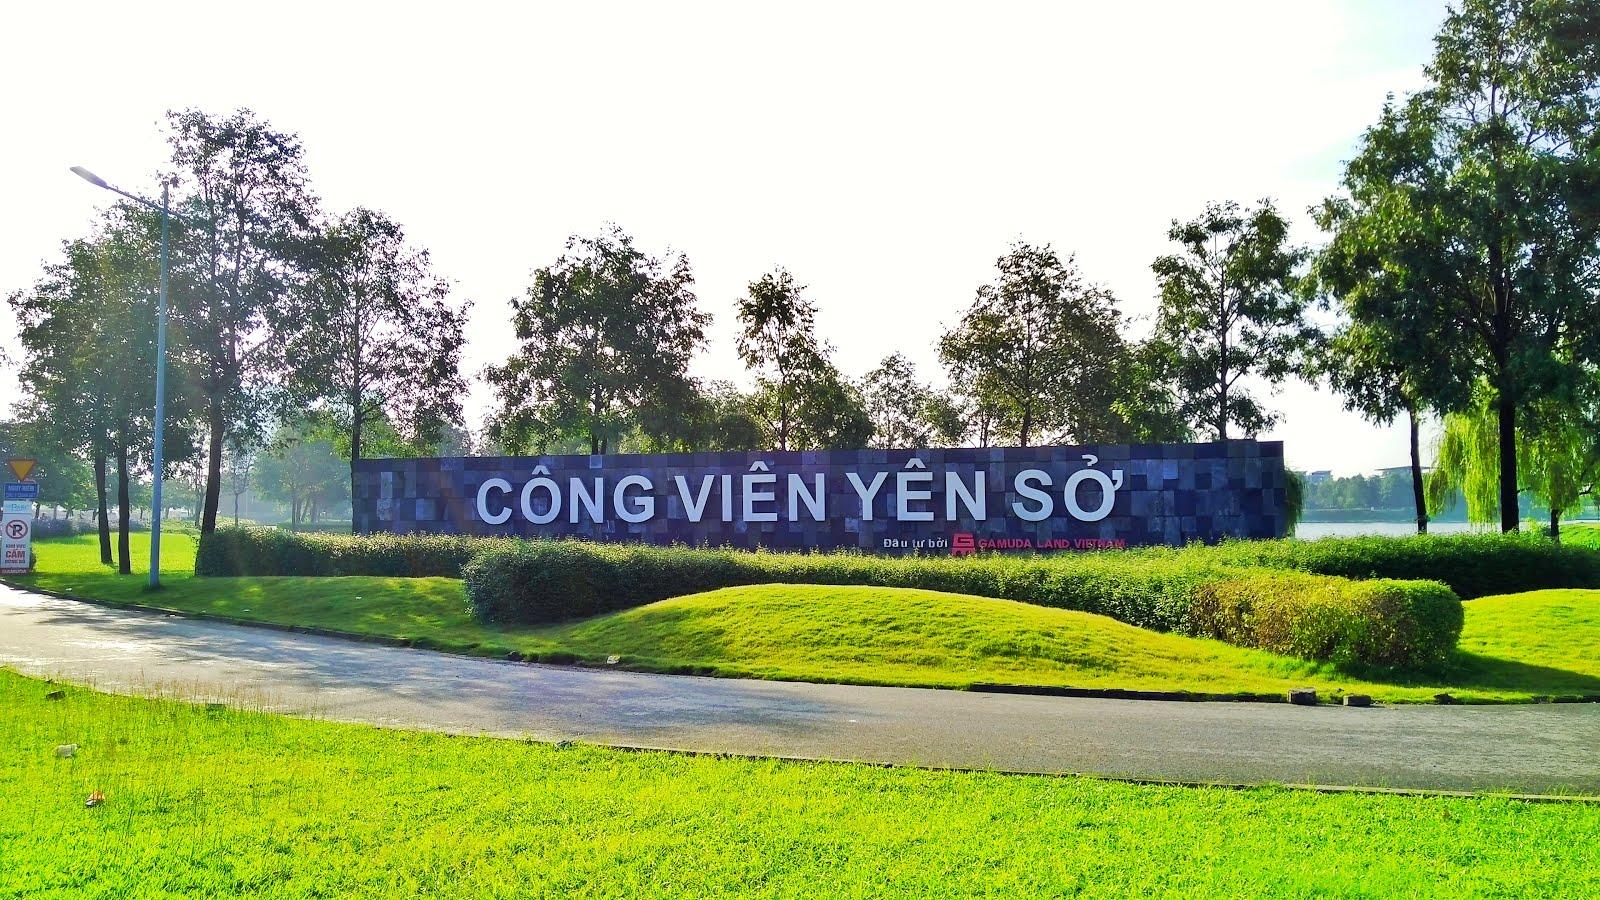 Công viên Yên Sở – Điểm đến lý tưởng giữa thủ đô Hà Nội